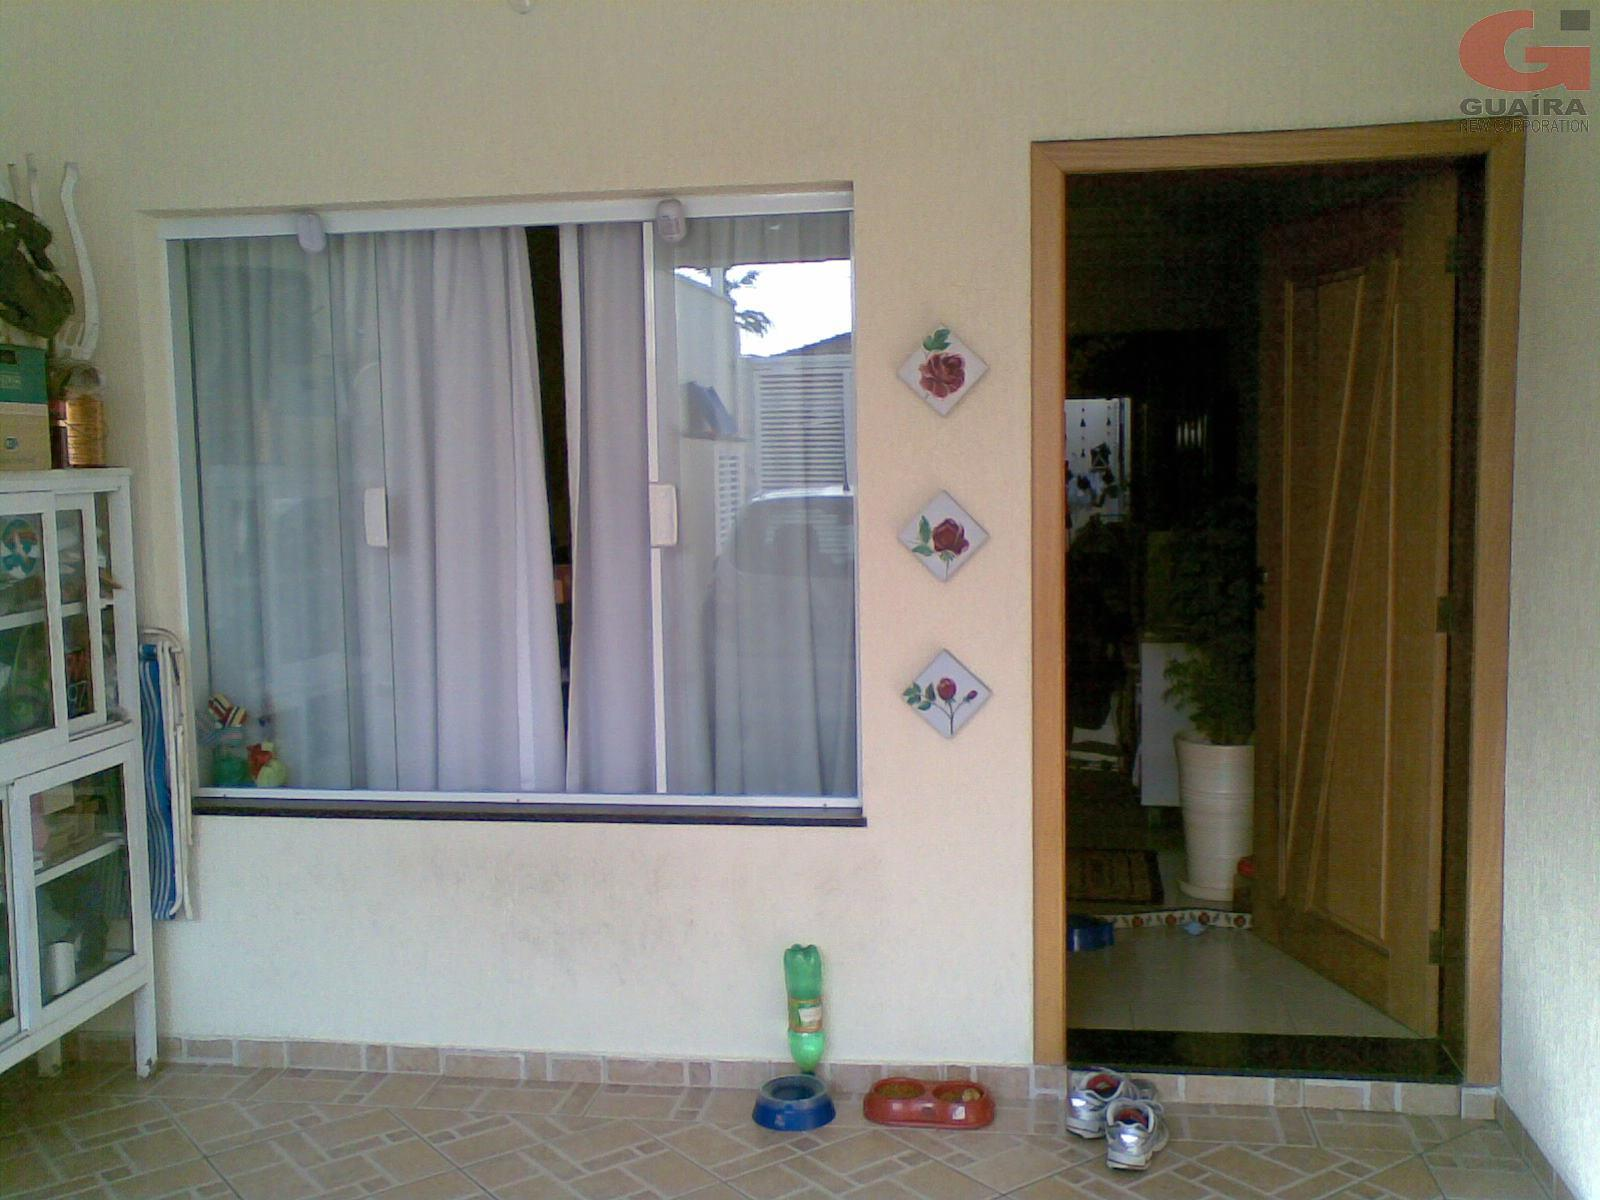 Sobrado de 3 dormitórios à venda em Vila Scarpelli, Santo André - SP